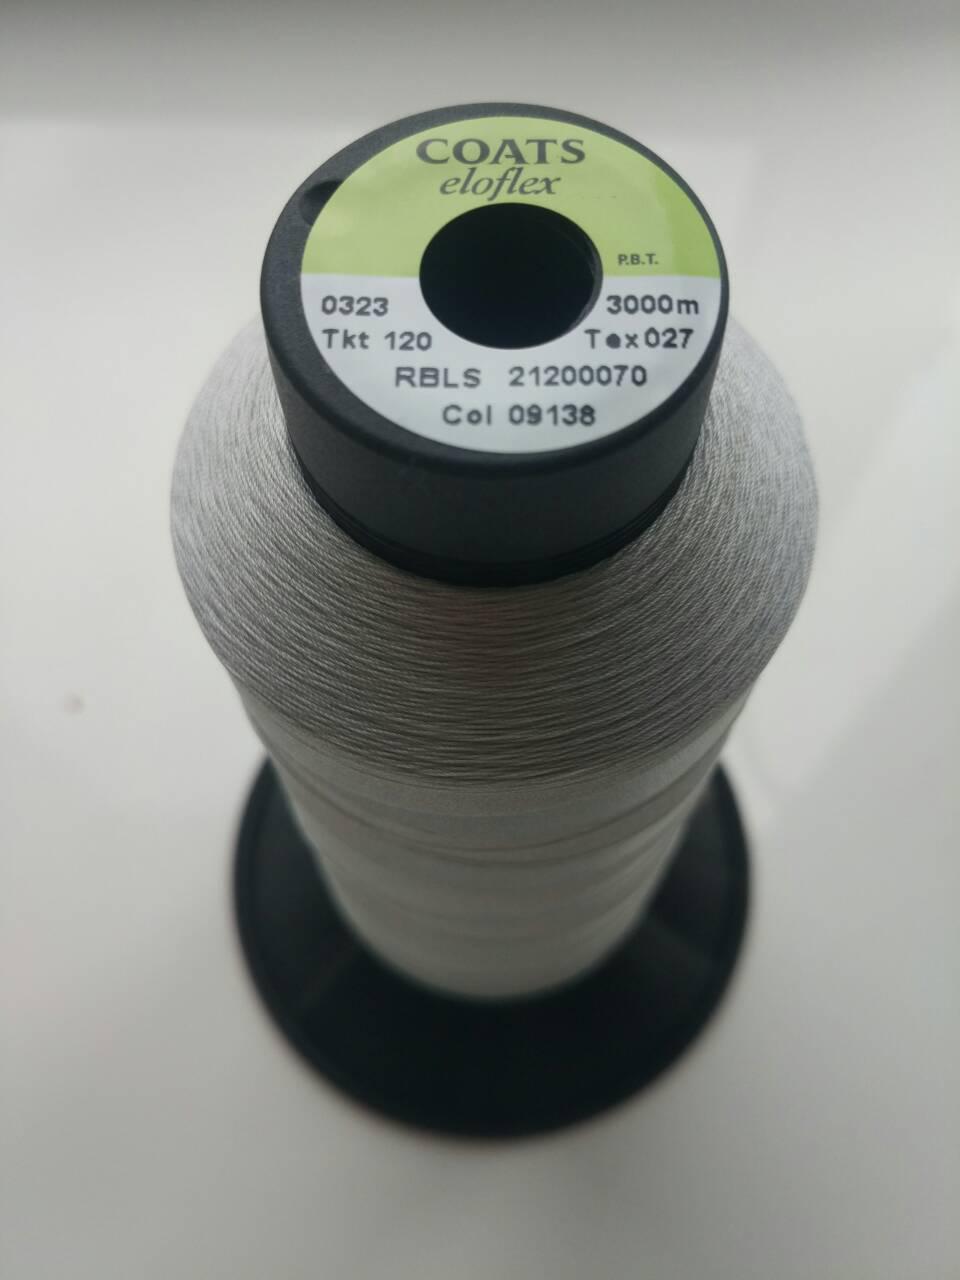 Coats eloflex 120/3000м / кол 09138